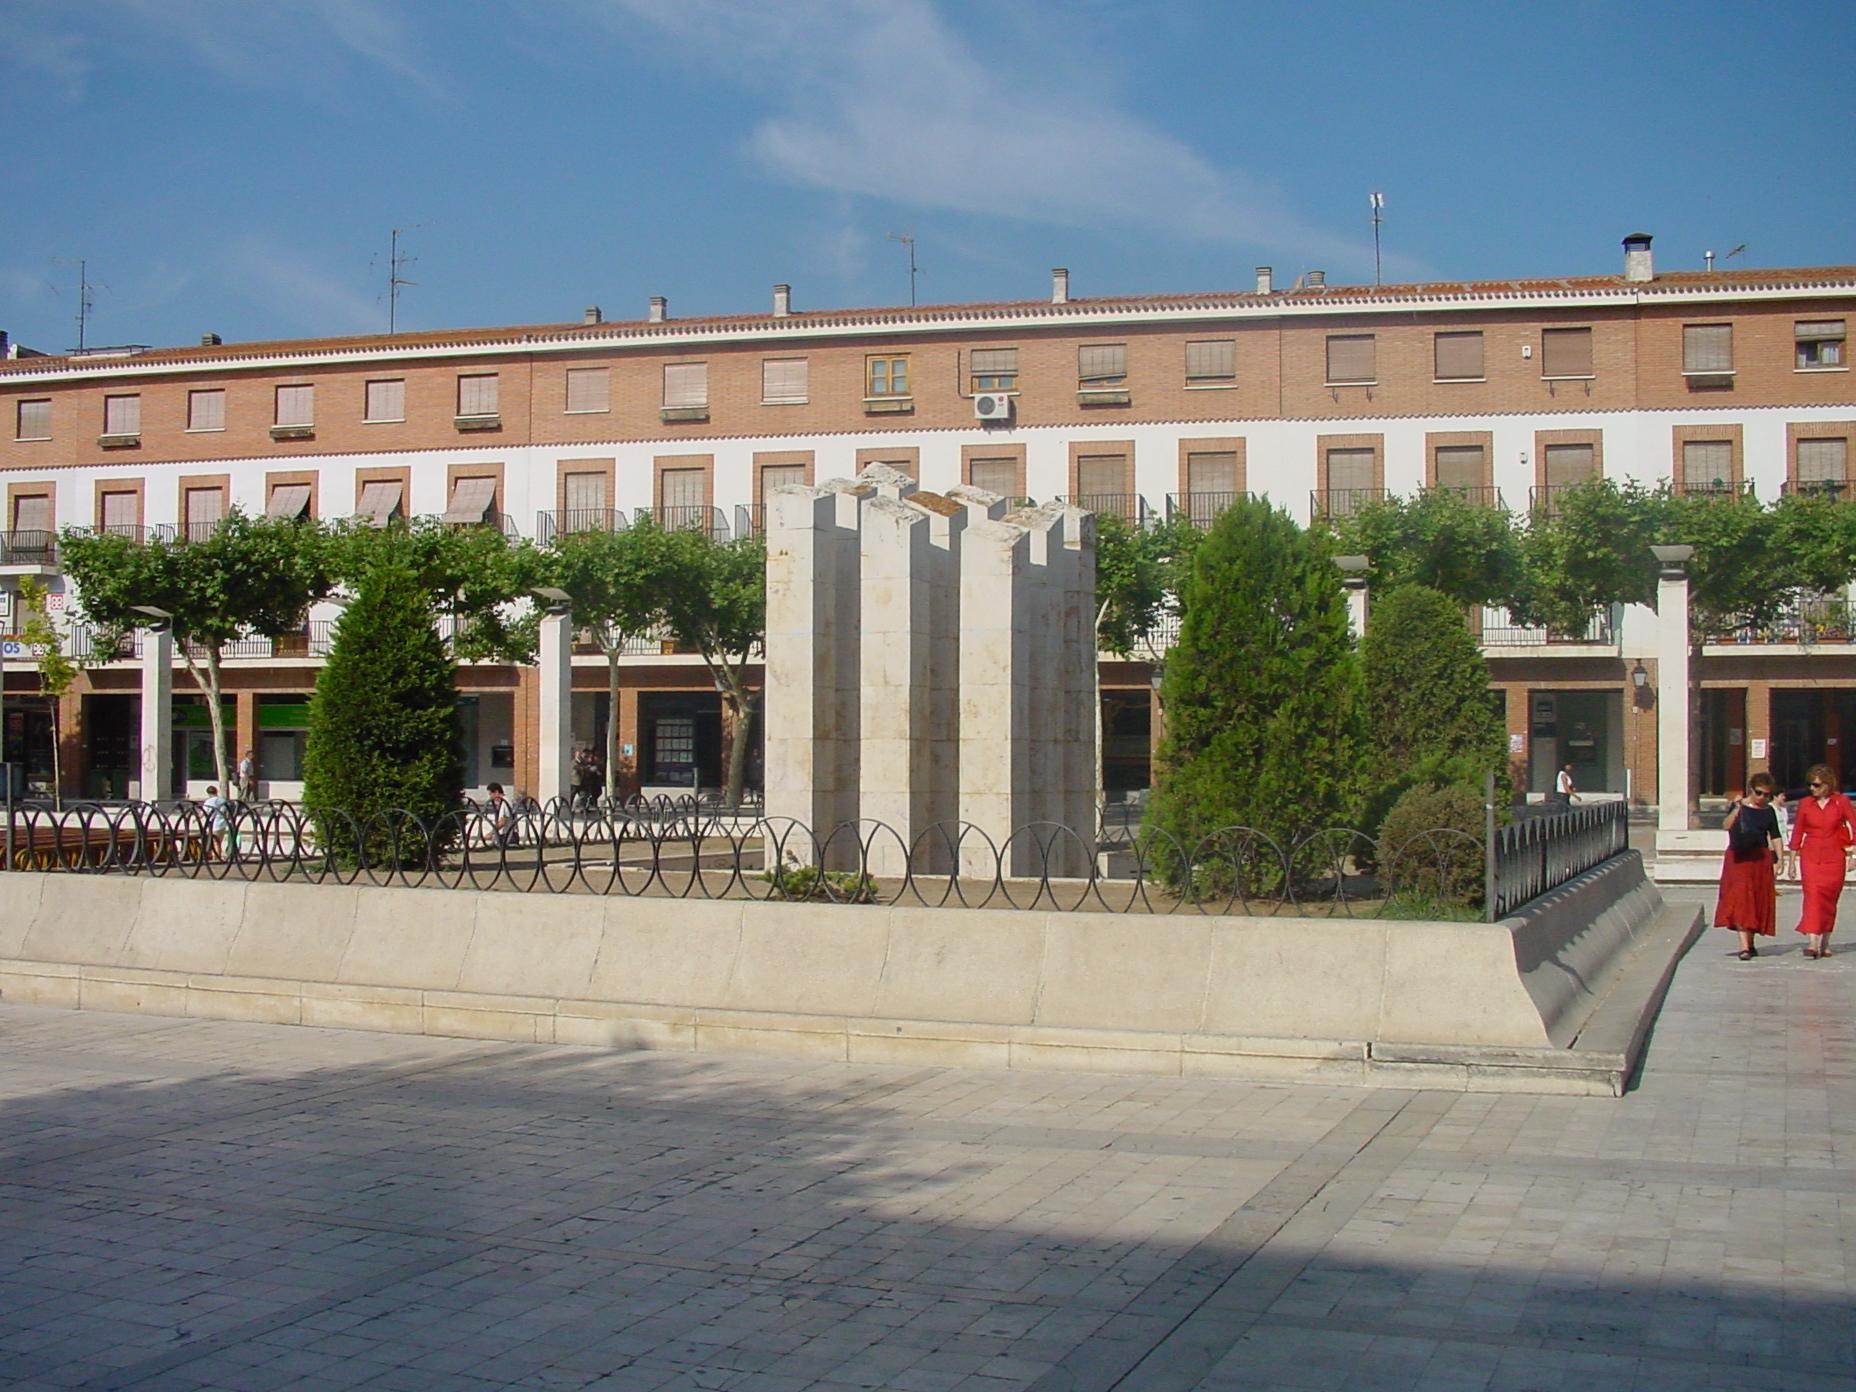 Plaza en Torrejón de Ardoz